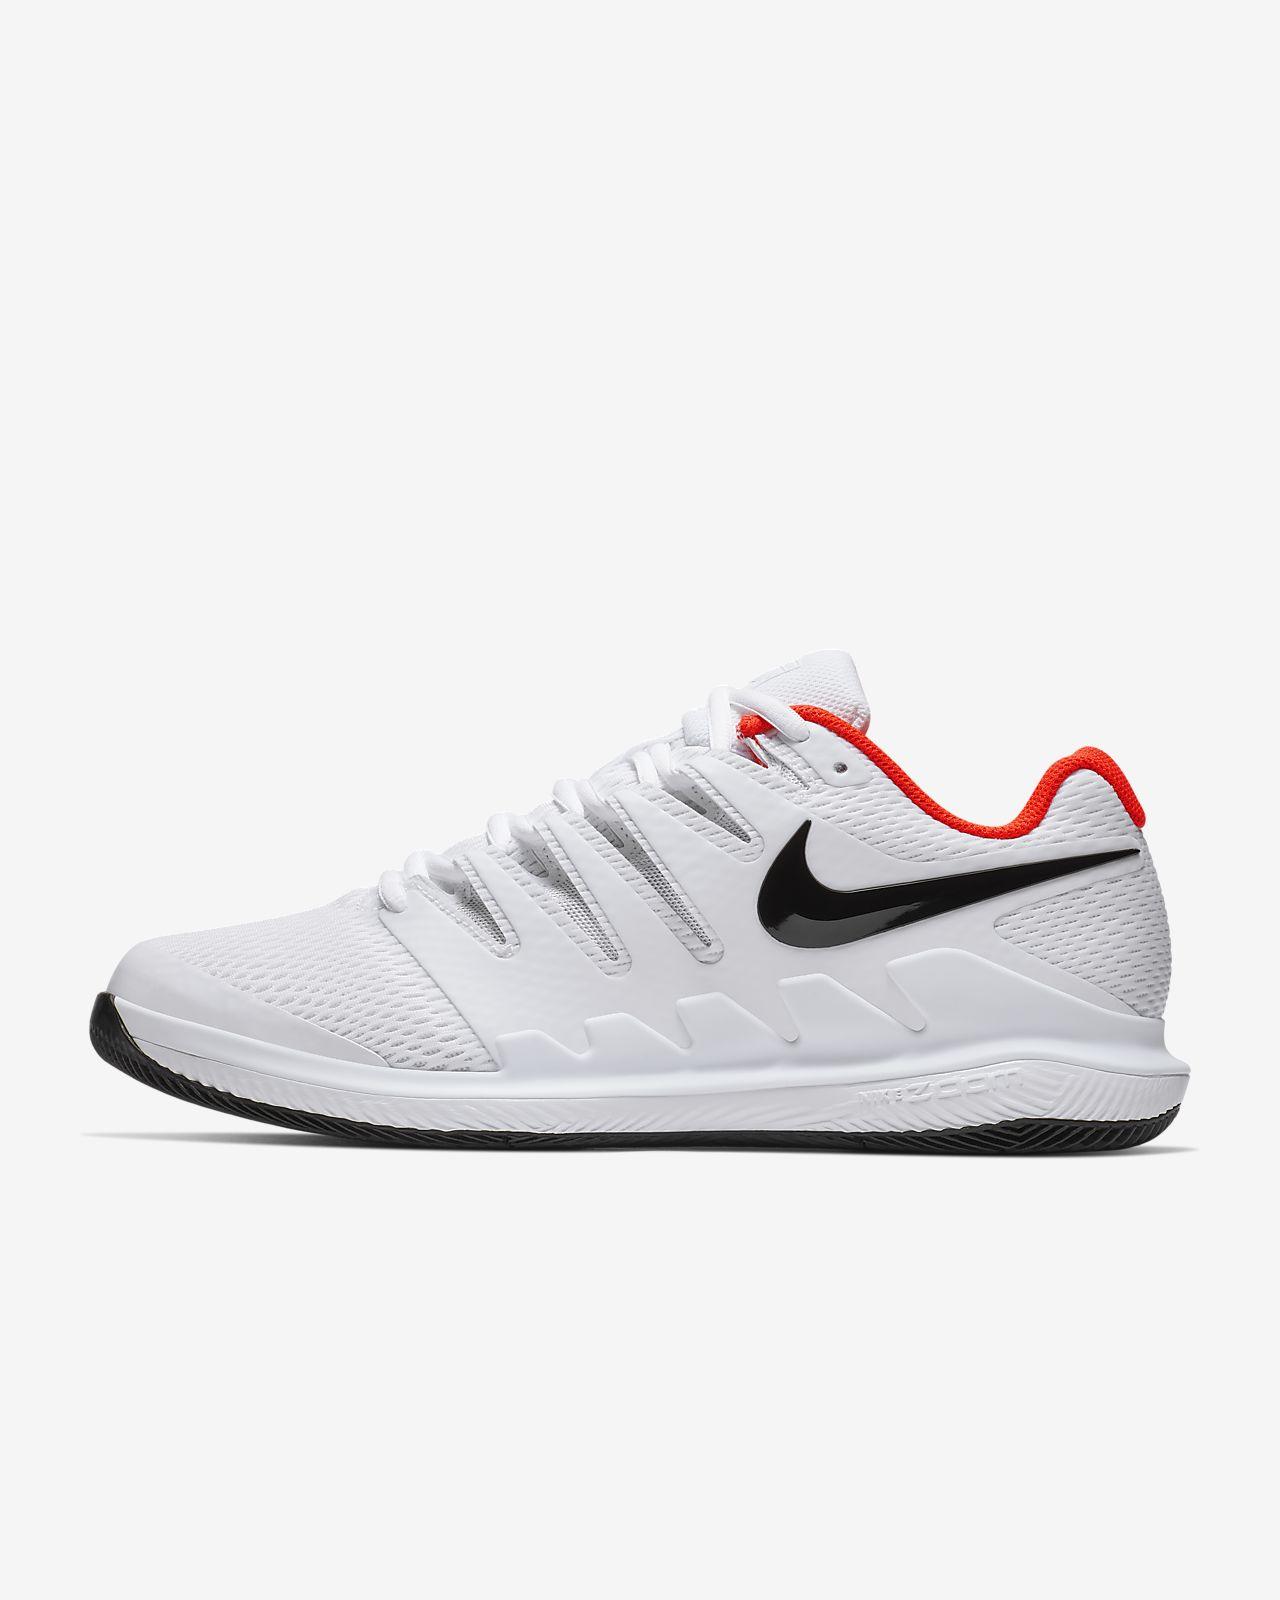 5c100c70704 ... Sapatilhas de ténis para piso duro NikeCourt Air Zoom Vapor para homem